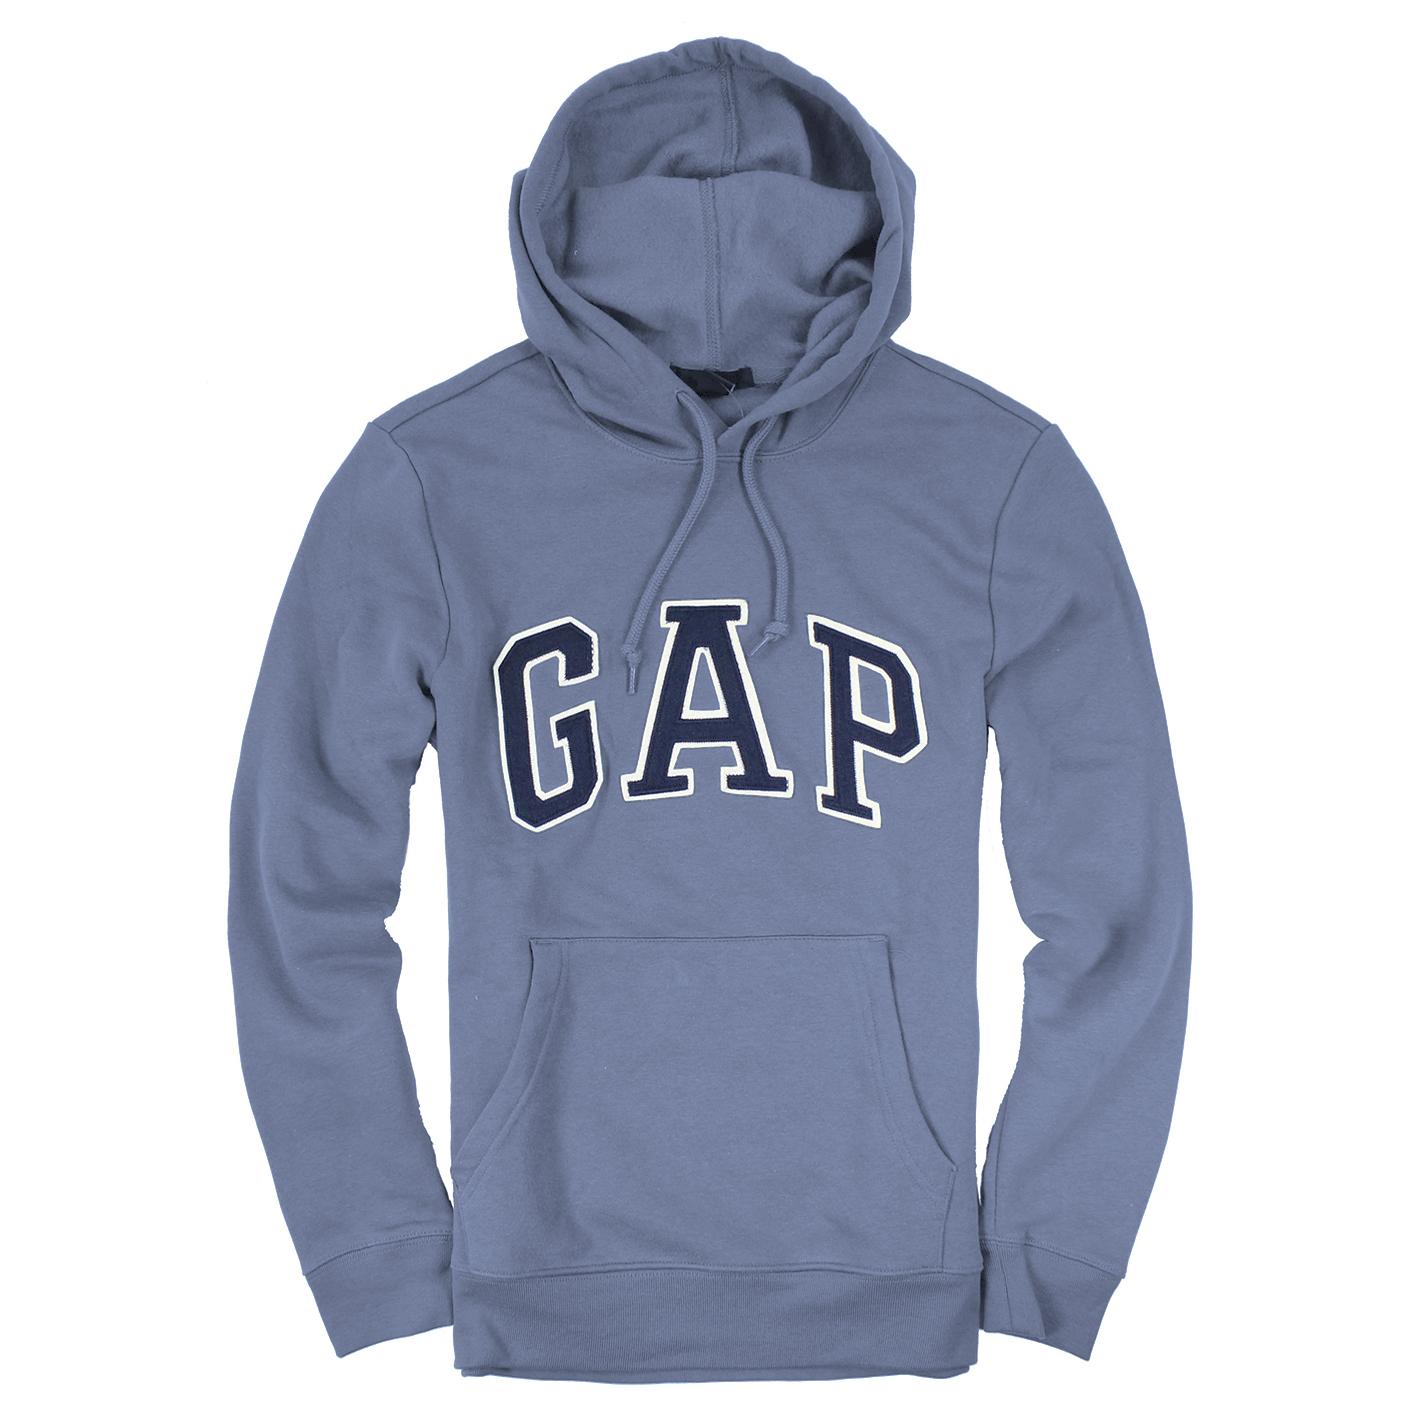 美國百分百【全新真品】GAP 帽T 上衣 外套 長袖 連帽 LOGO 貼布 現貨 男 XS S M號 灰色 E461